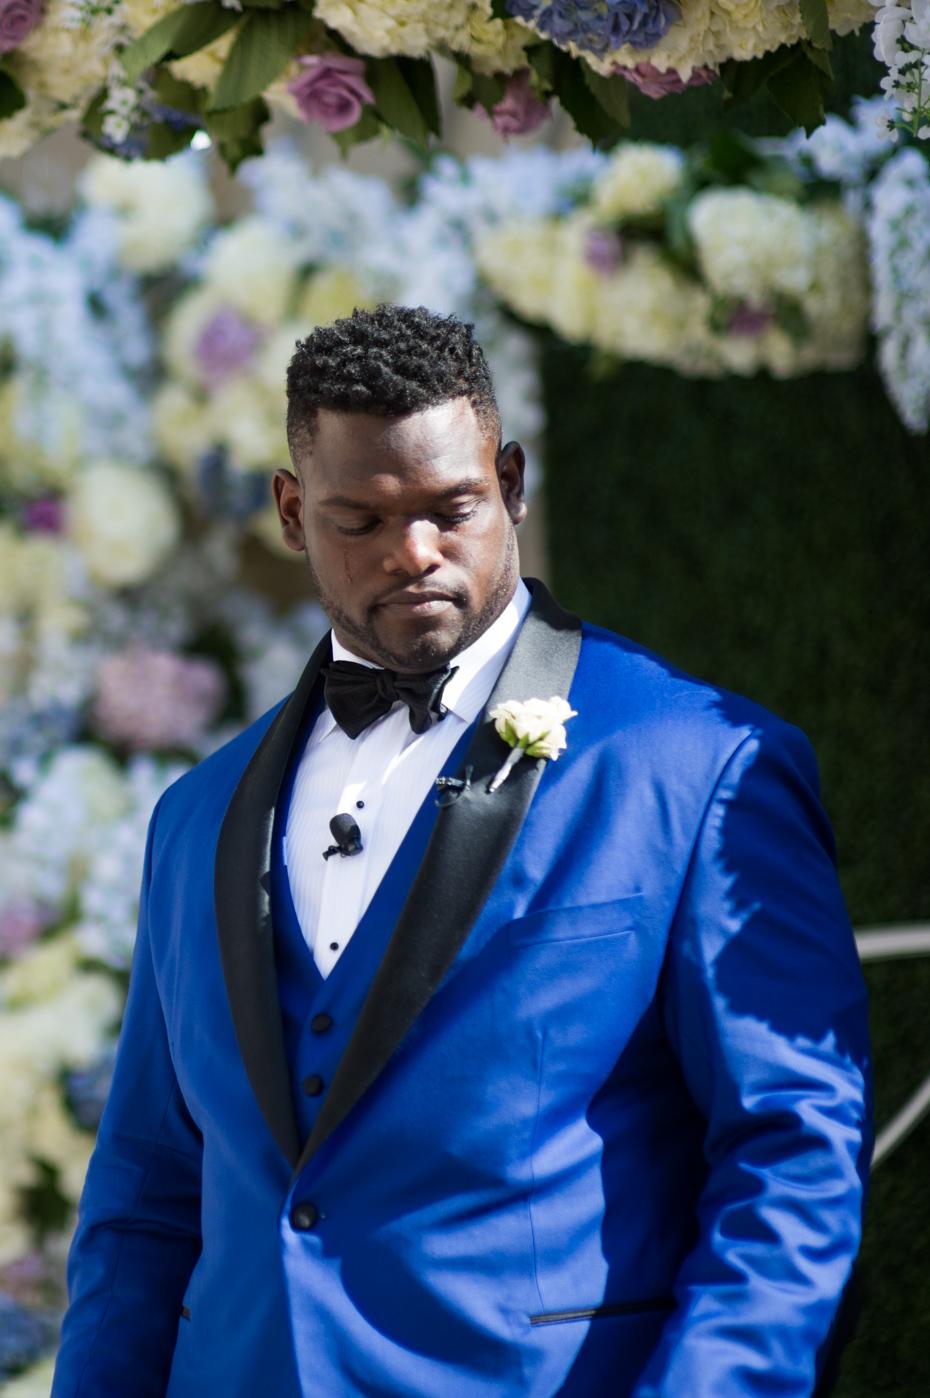 Emotional Groom watching bride walk down the aisle